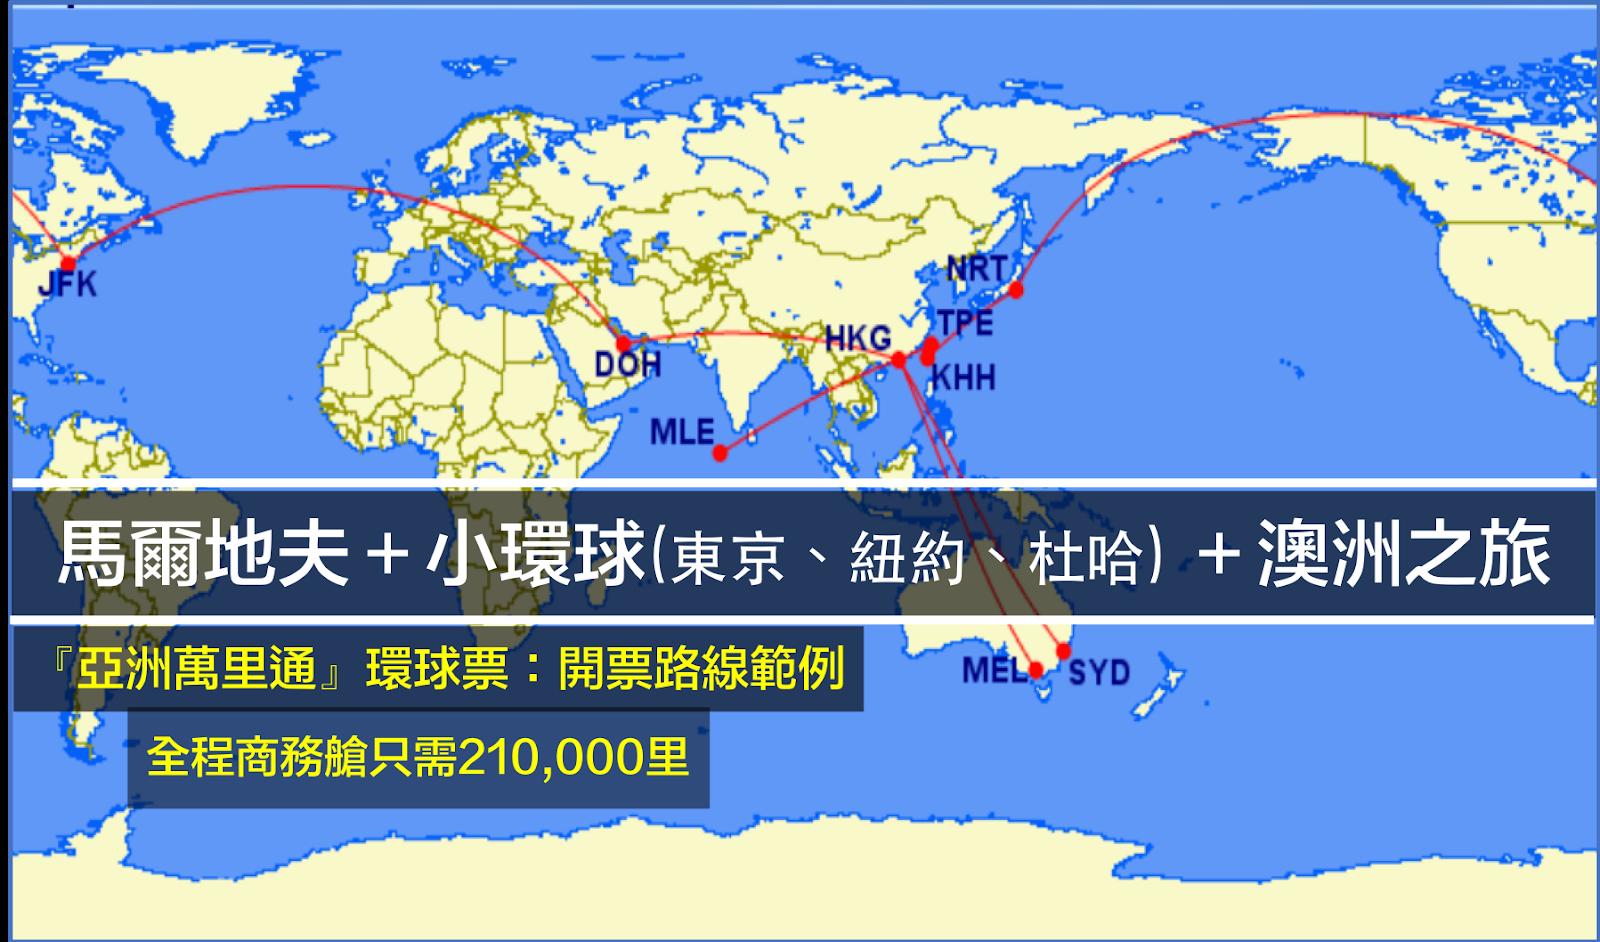 【亞洲萬里通】獎勵機票教學系列之6:亞萬環球票(馬爾地夫+東京,紐約,杜哈+澳洲之旅)